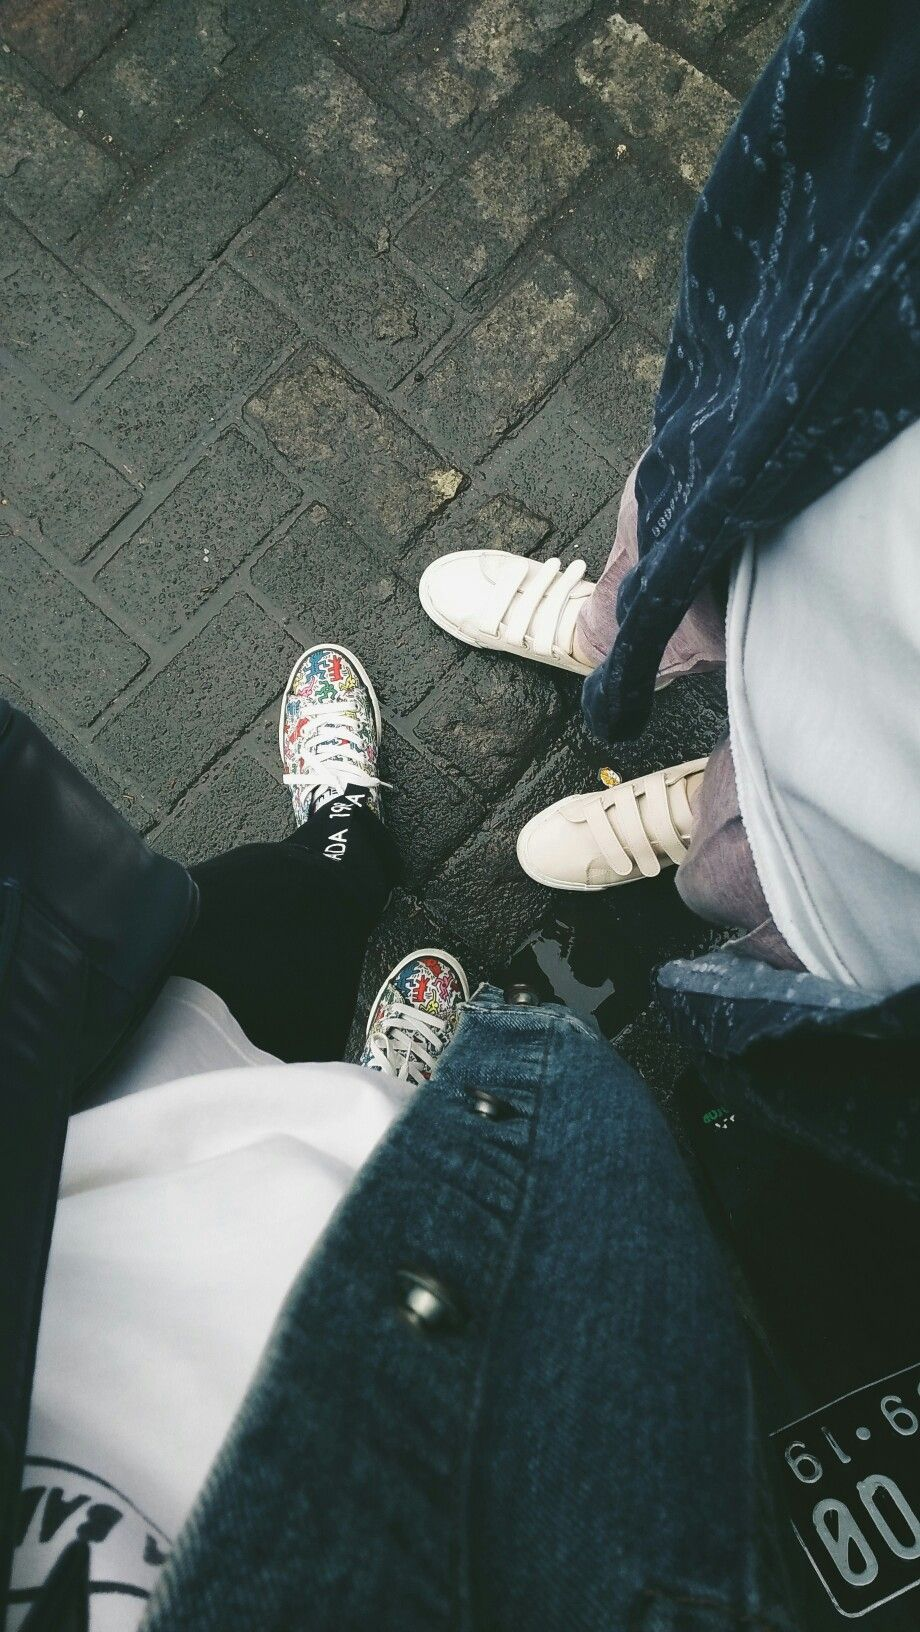 Pin Oleh Ananda Putri Di Sepatu Sepatu